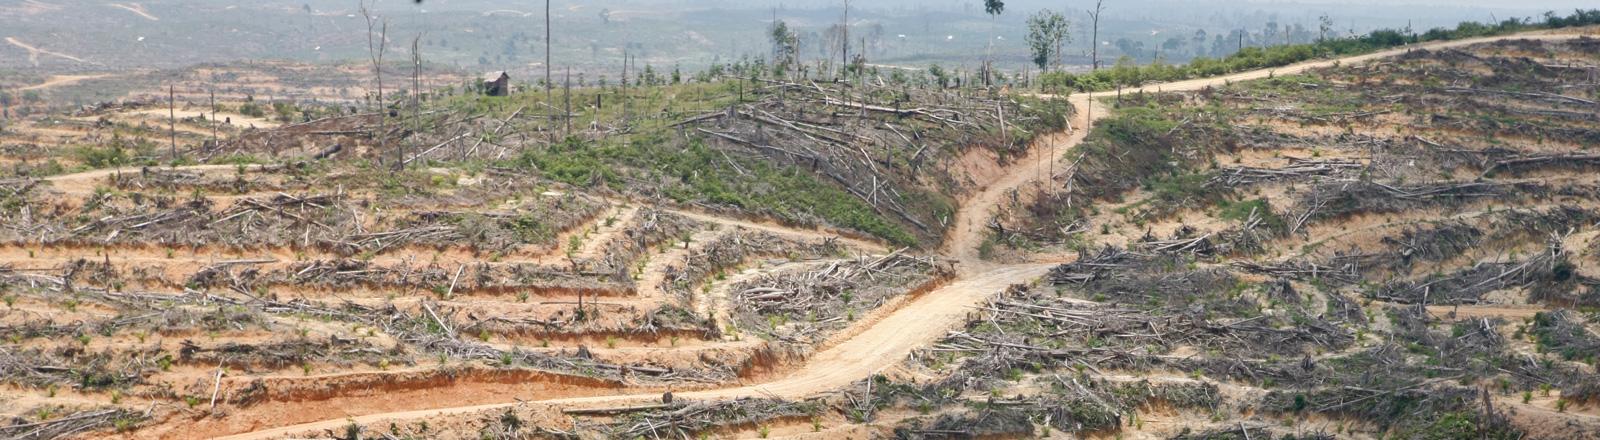 Gerodete Waldfläche auf der indonesischen Insel Sumatra; Bild: dpa